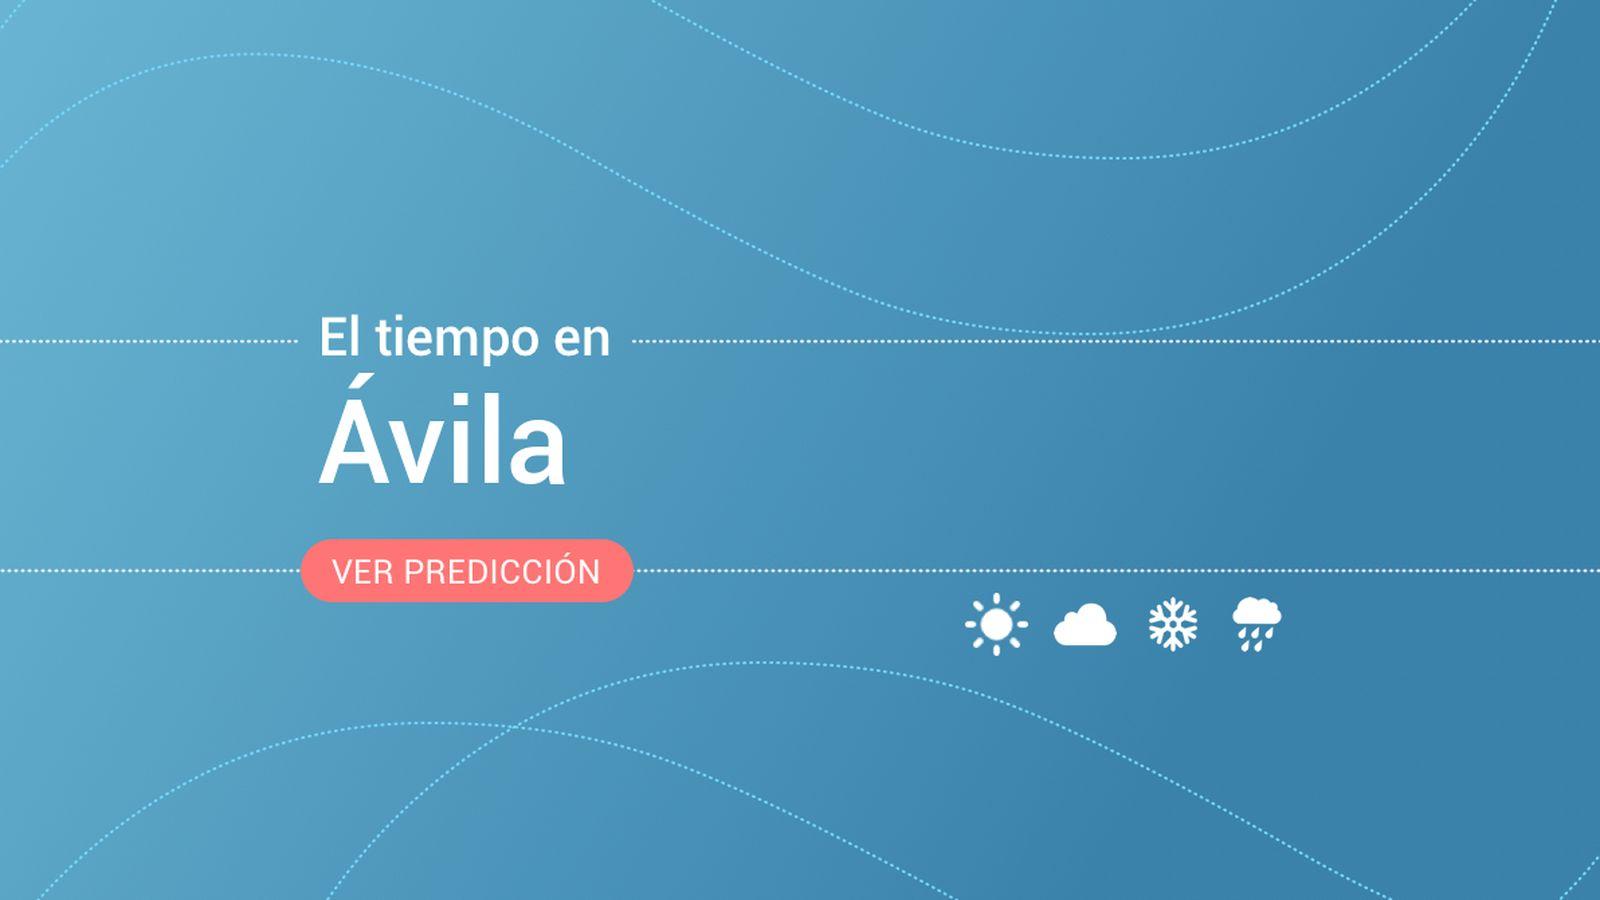 Foto: El tiempo en Ávila. (EC)